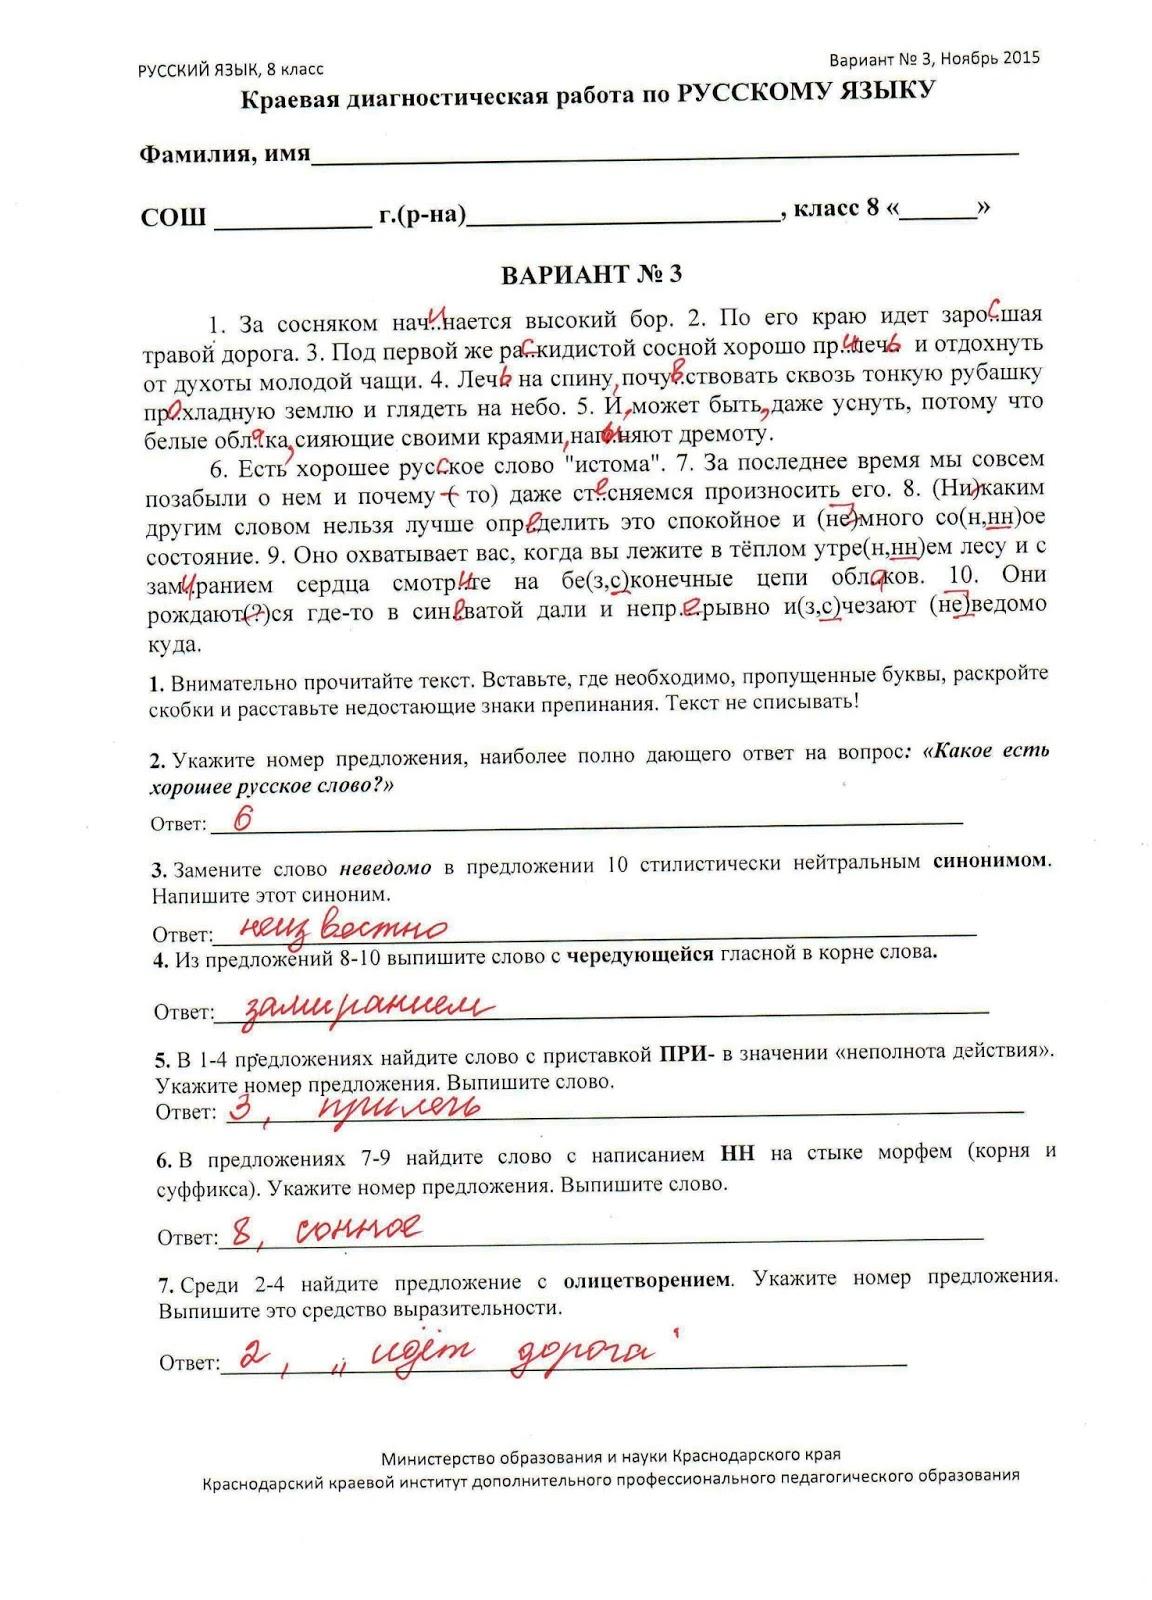 Видеоуроки по русскому языку 8 класс скачать